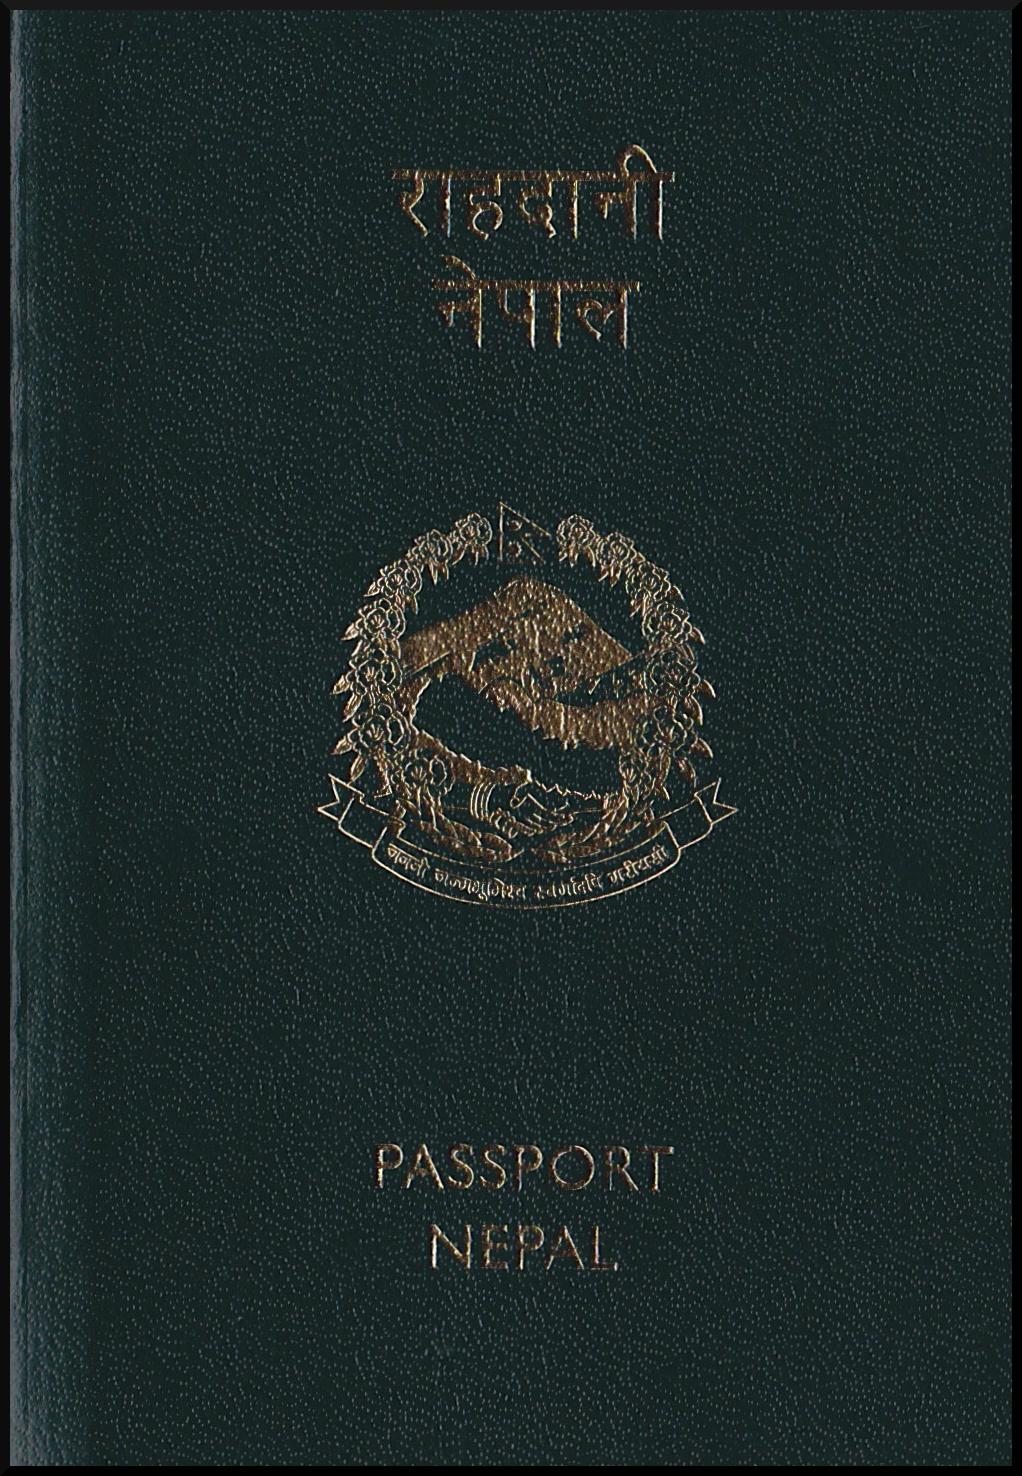 Паспорт Непала